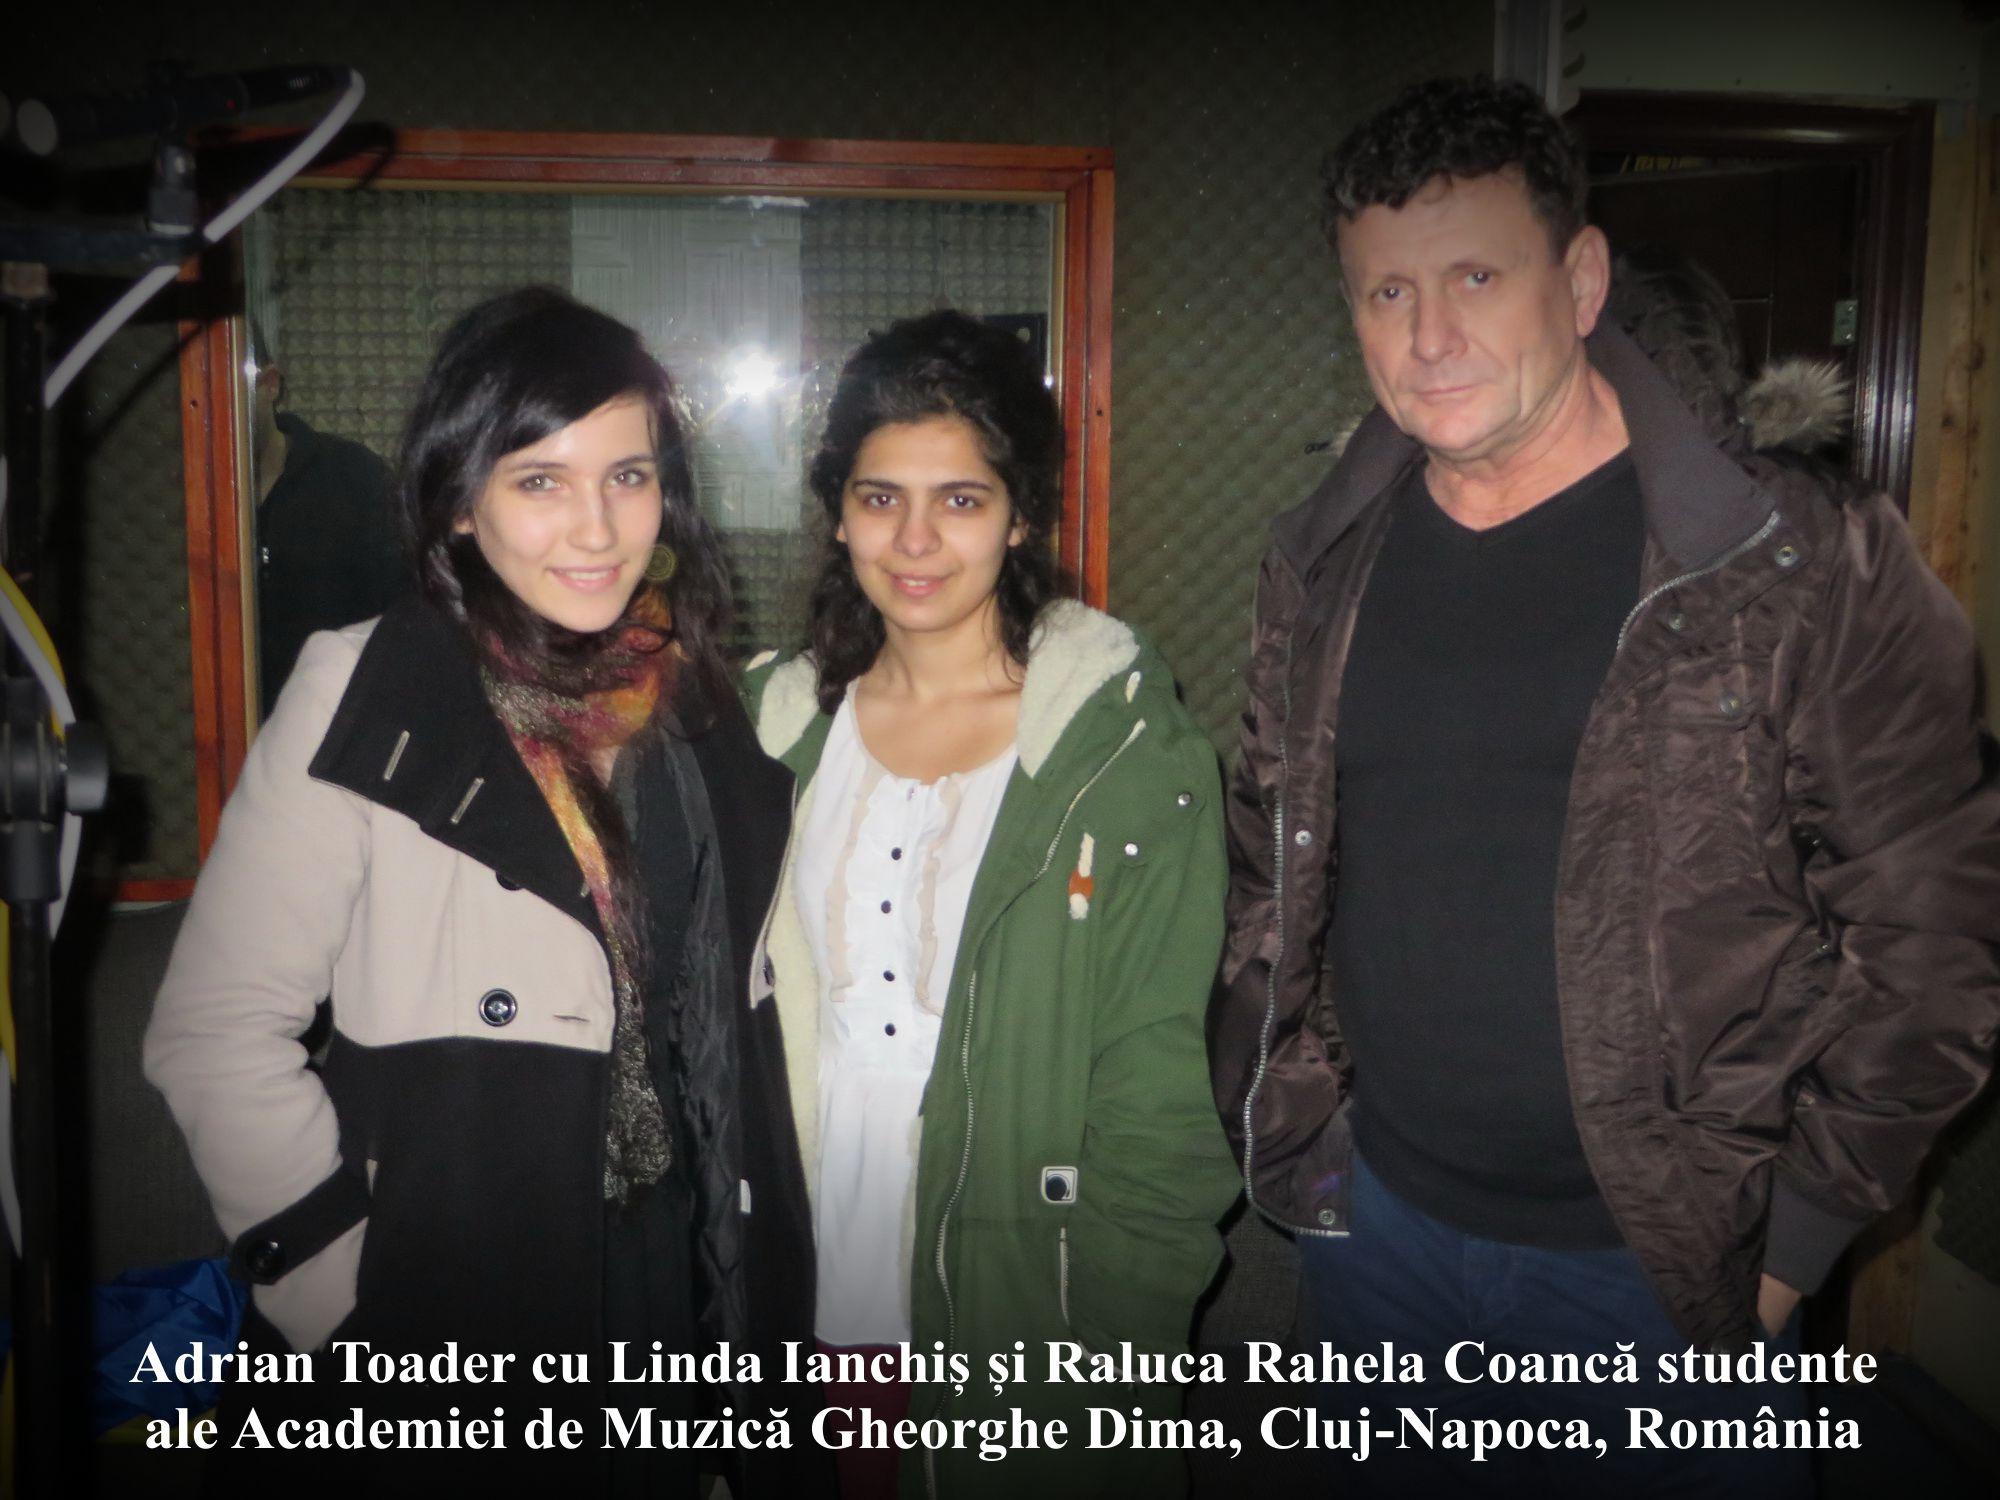 A-_Linda_Ianchiș_&_Raluca_Rahela_Coancă_&_Adrian_Toader_ la_inregistrarea_Imnului_Romaniei_cu_Un_Suflet_de_Roman